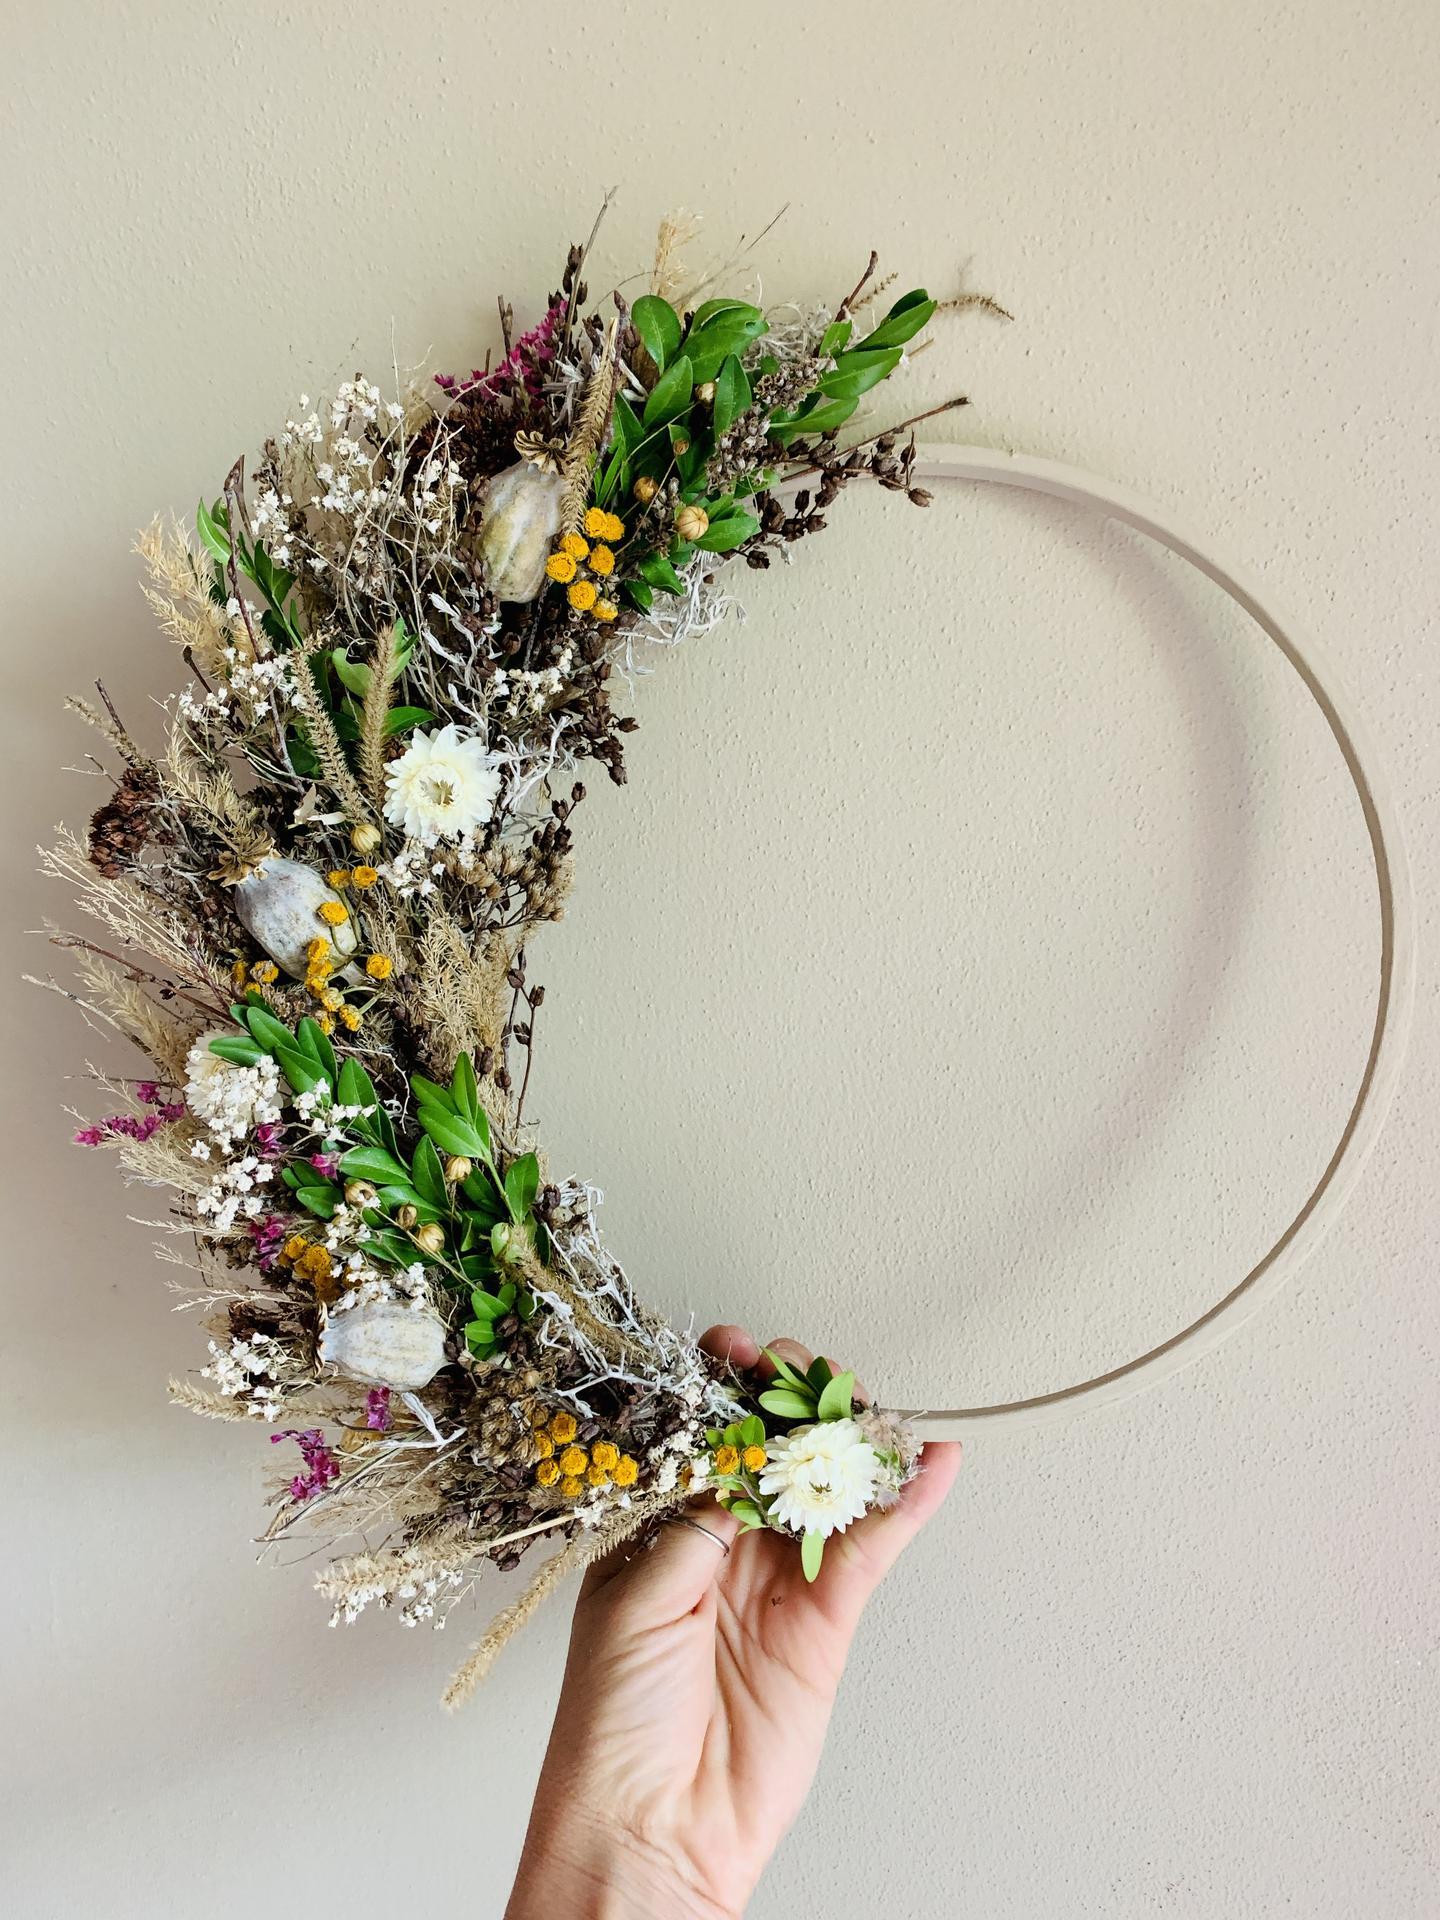 Miluji tvořit - Půlkruh na přání 🤗